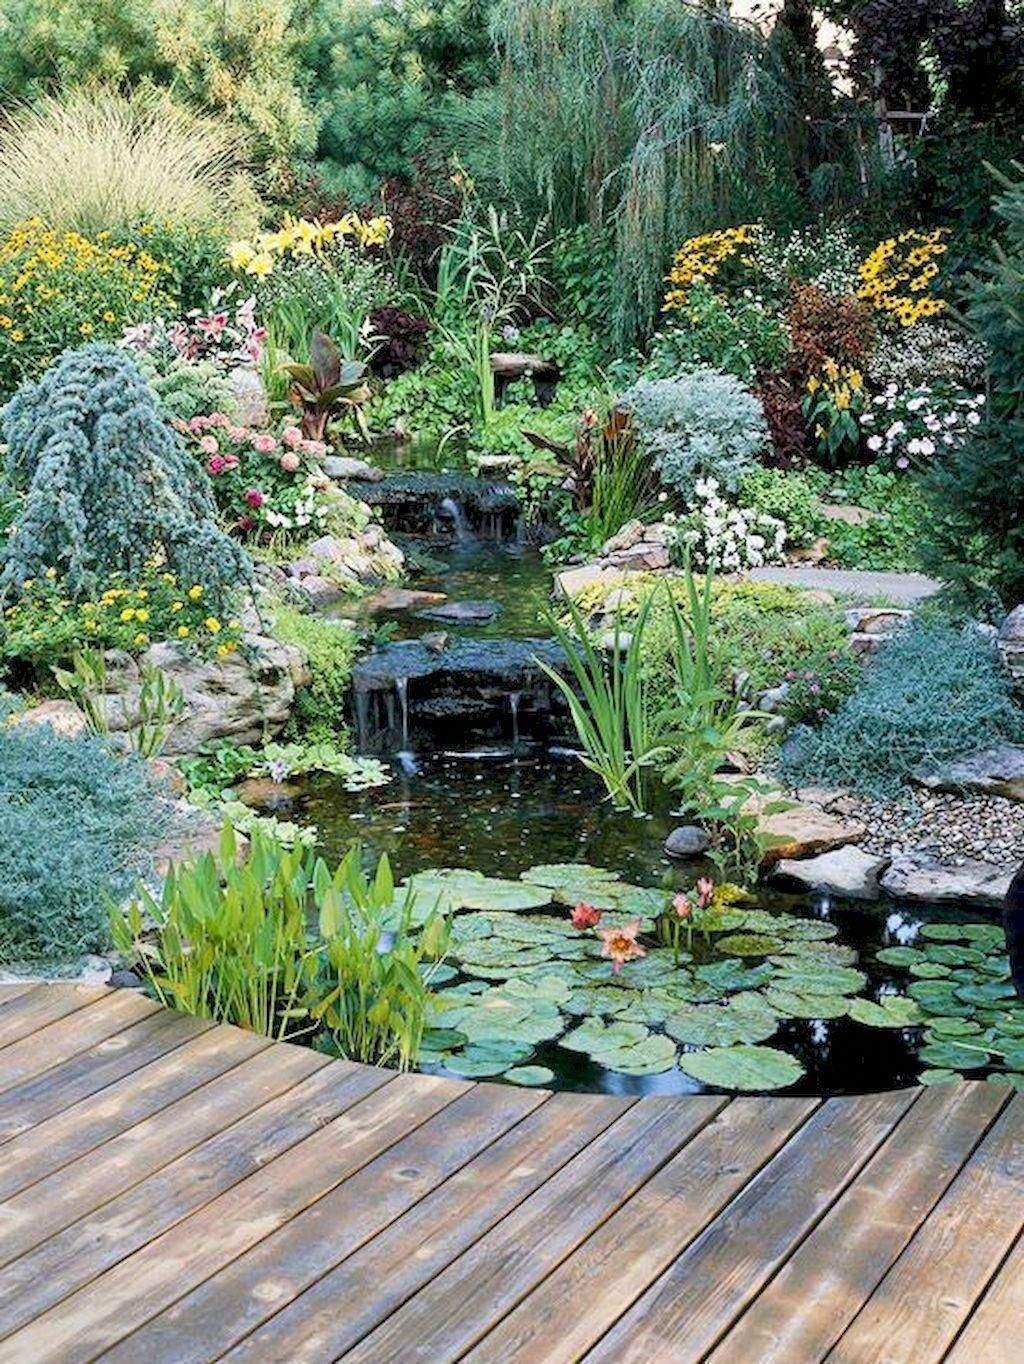 Teich Und Garten Das Beste Von Marvelous Backyard Ponds and Water Garden Landscaping Ideas